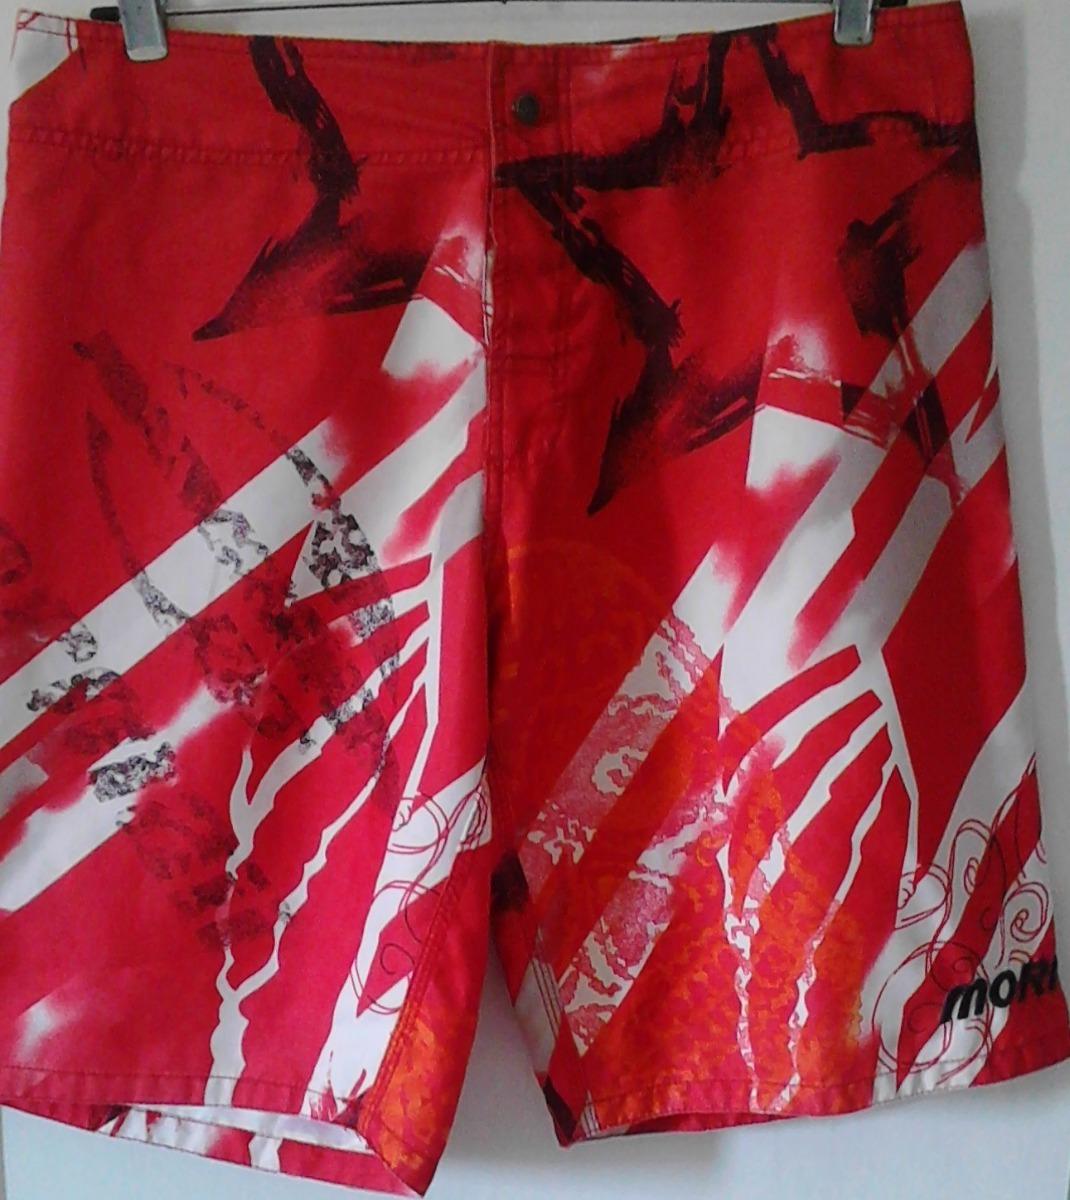 Malla Bermuda Mormaii Talle 44 Hombre -   490,00 en Mercado Libre 197a943890